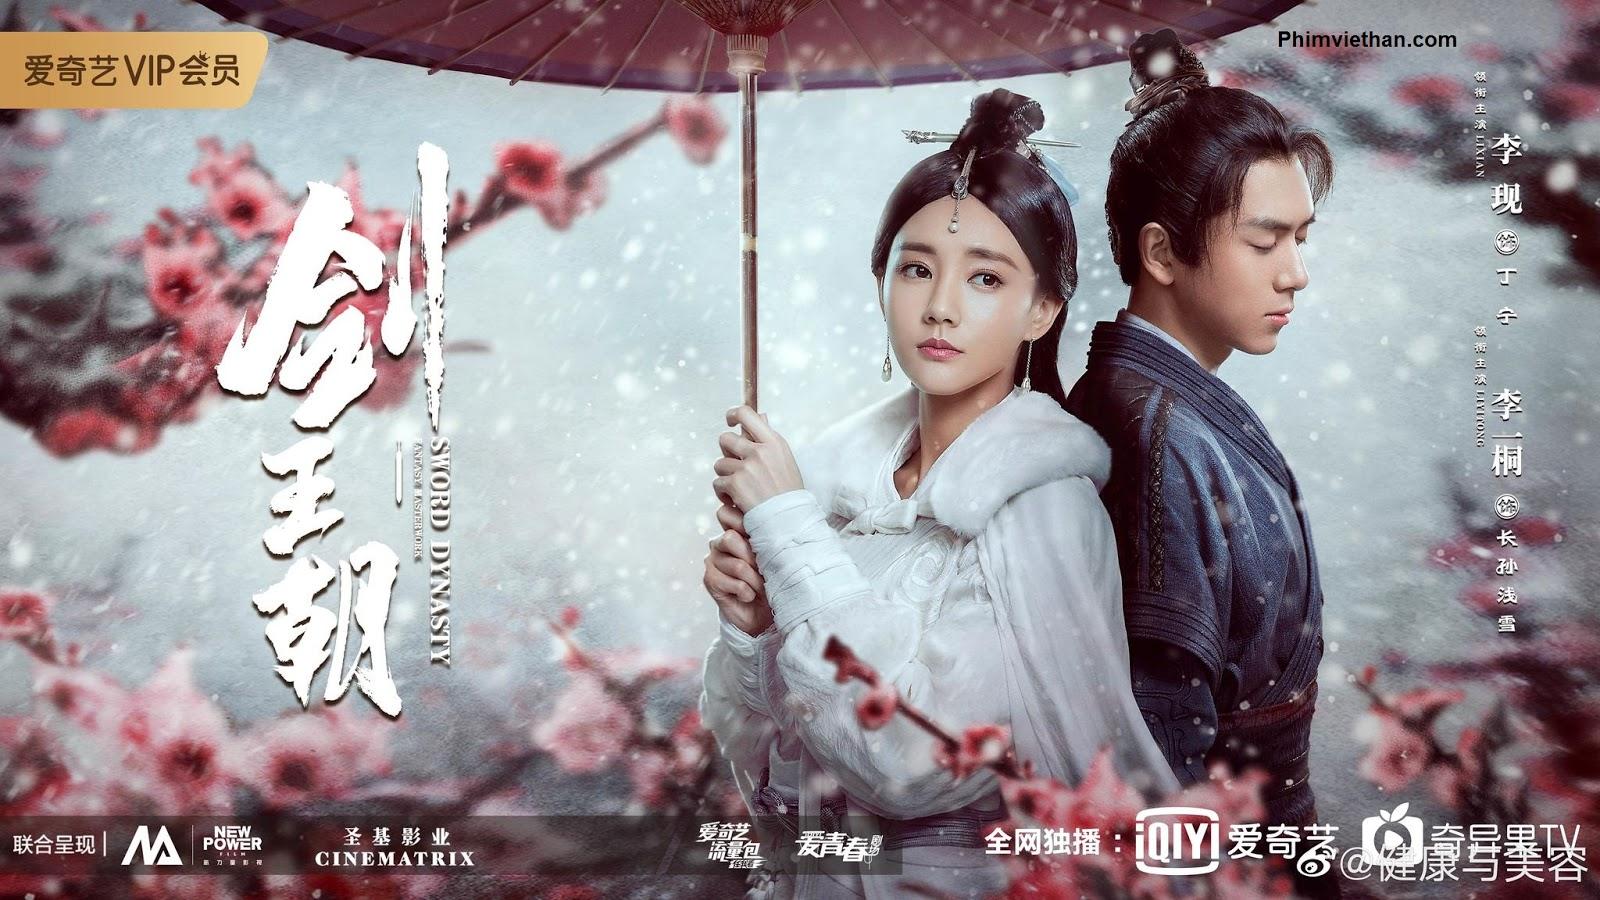 Phim kiếm vương triều Trung Quốc 2019